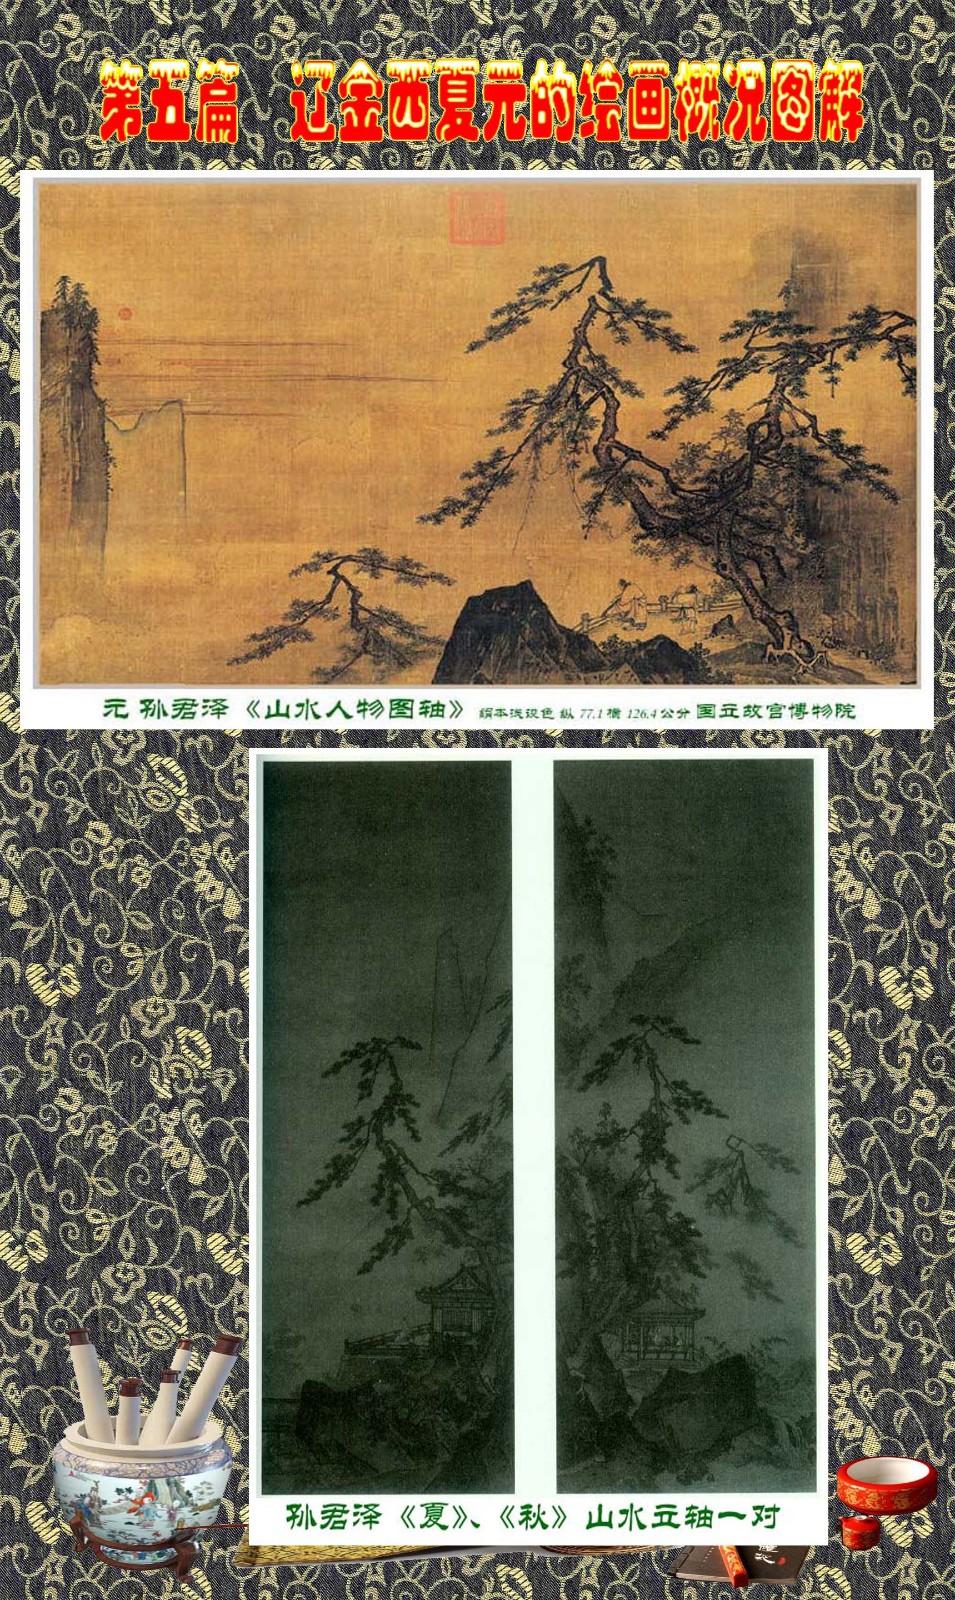 顾绍骅编辑 中国画知识普及版 第五篇 辽金西夏元的绘画概况 下 ... ..._图1-70